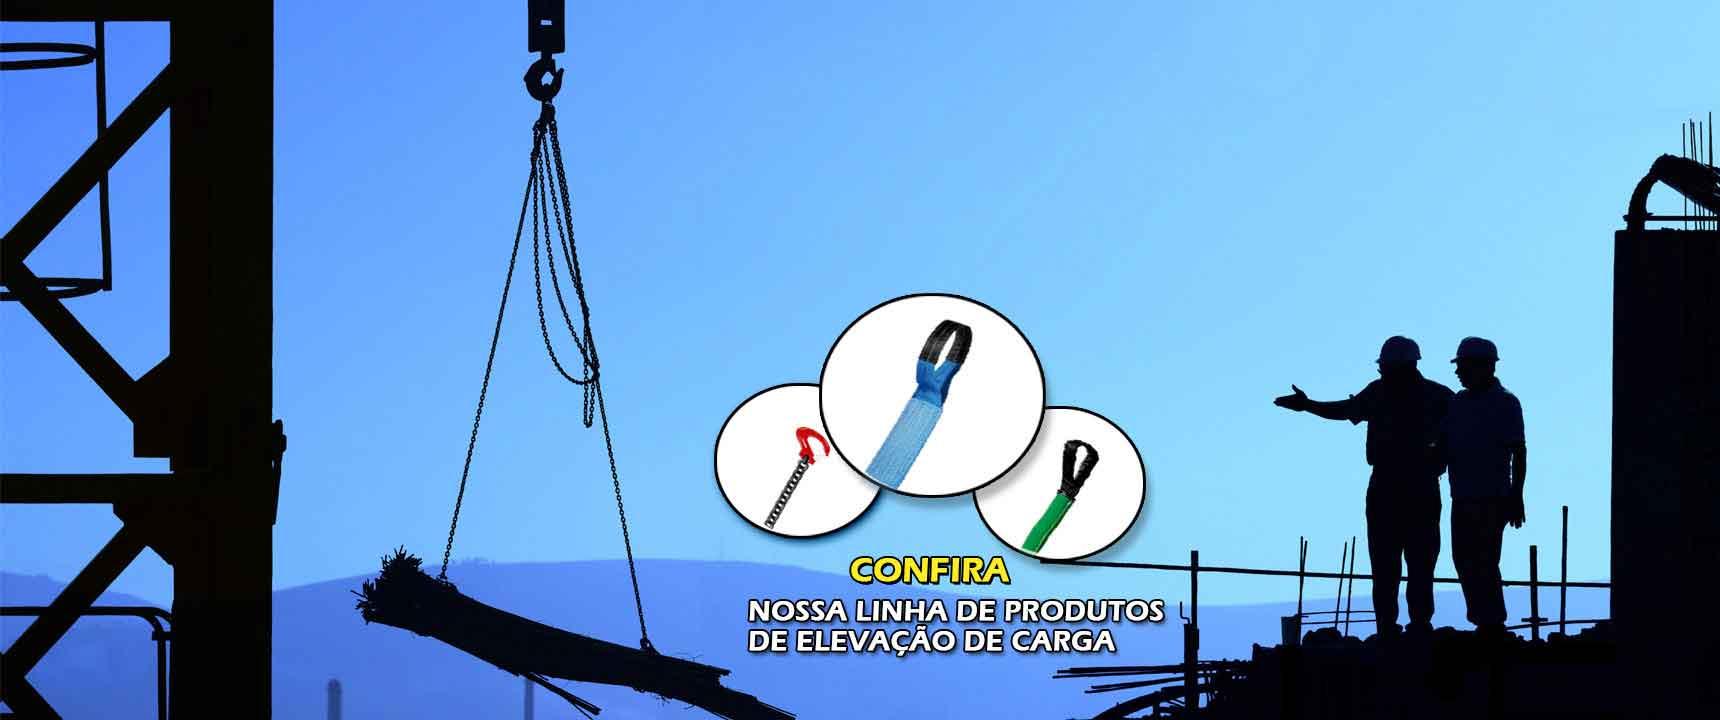 Transporte de cargas cresceu 24% no aeroporto de Fortaleza 7ab2a75577